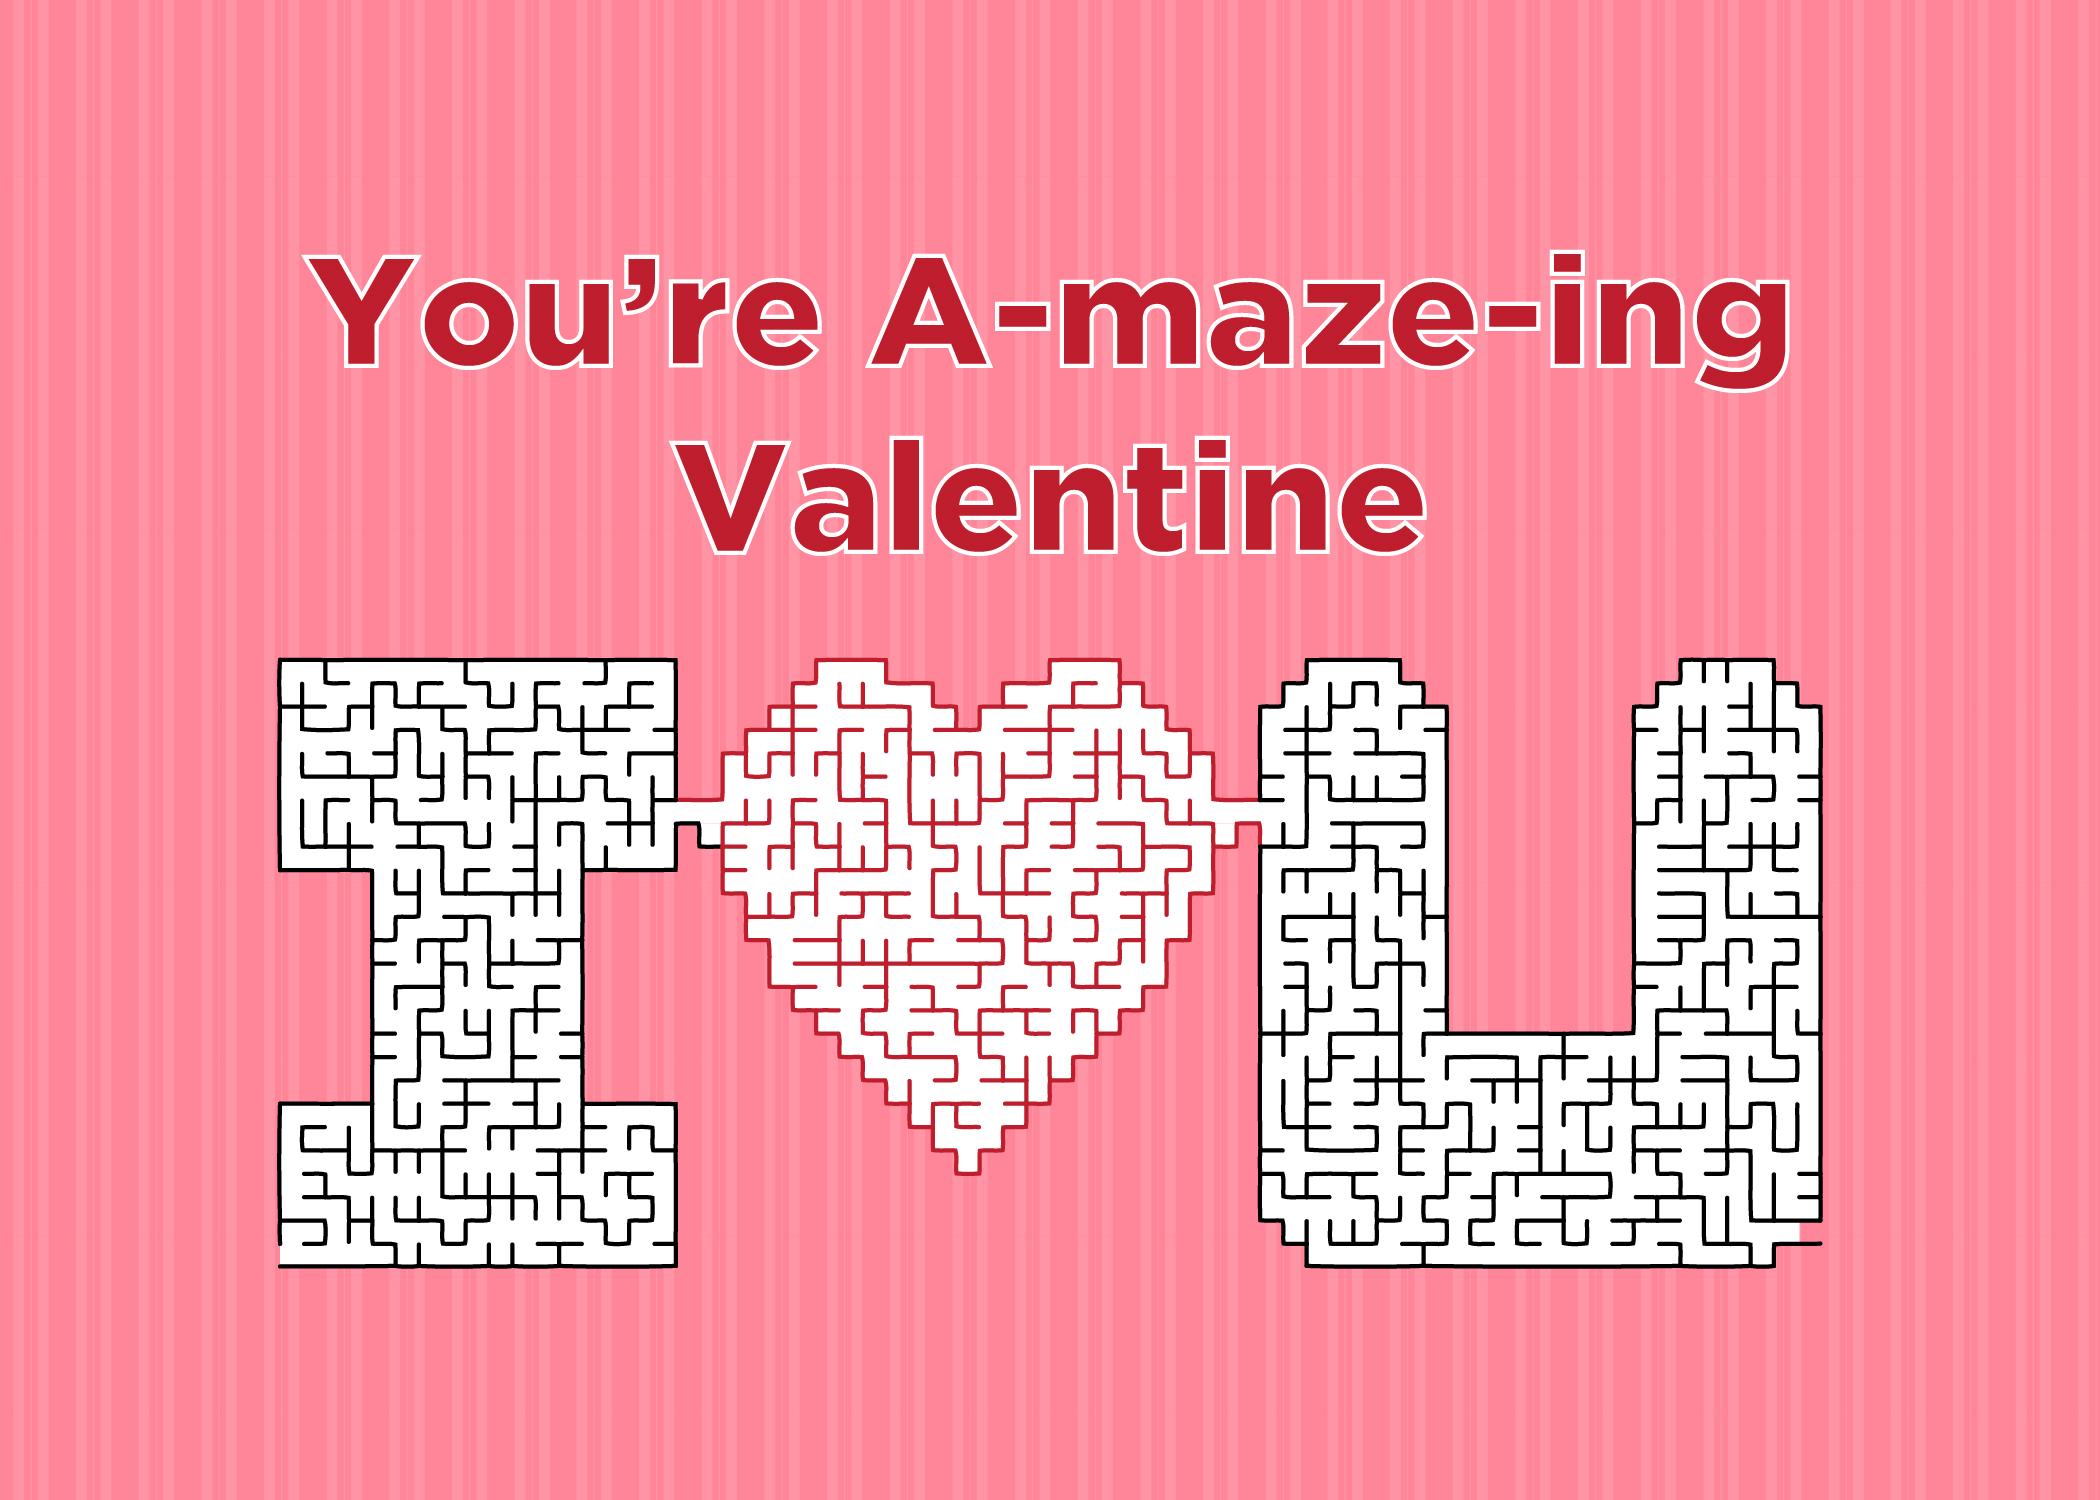 valentine-a-maze-ing